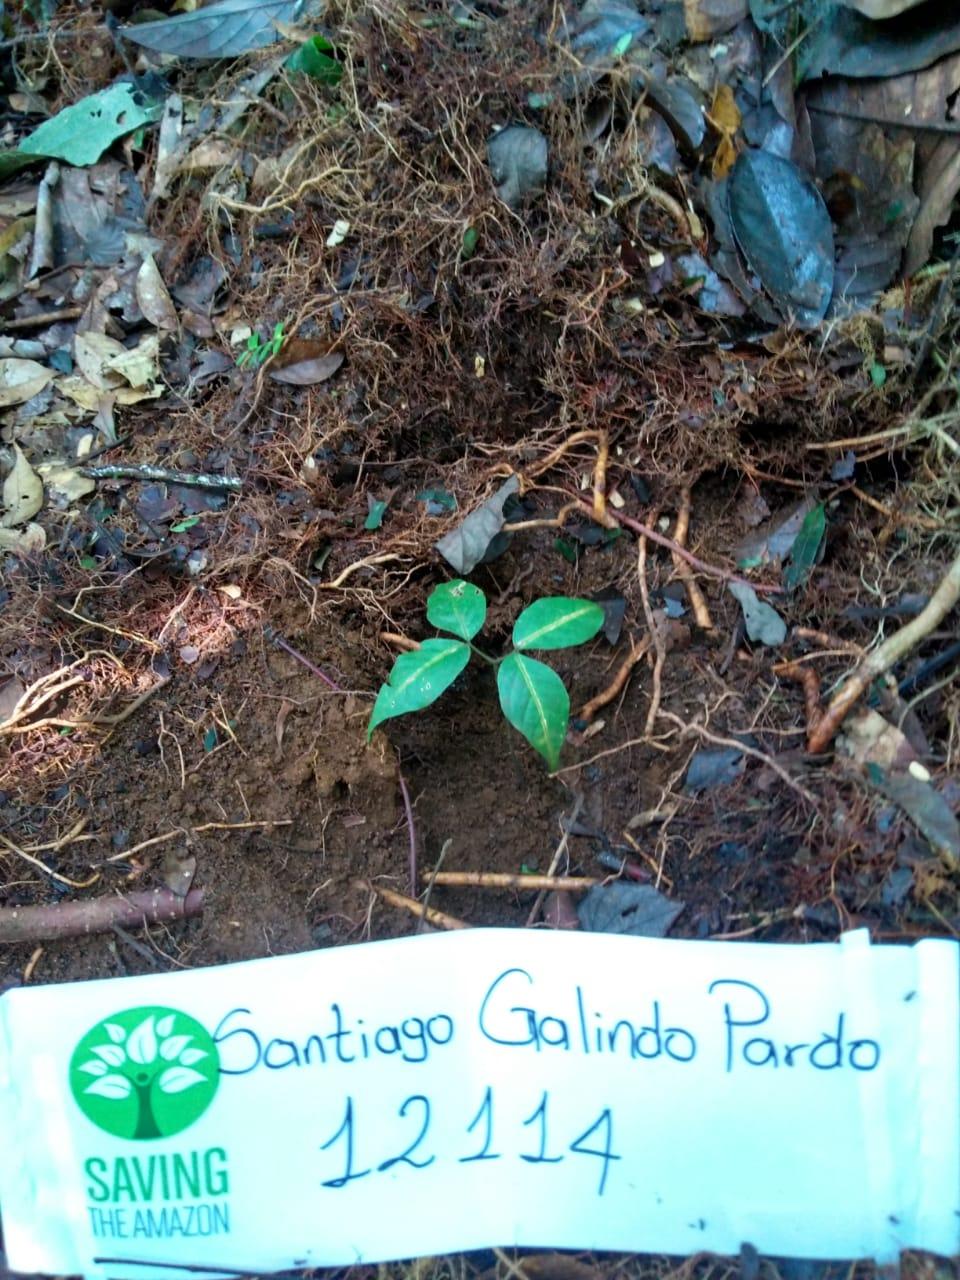 Santiago Pardo Galindo